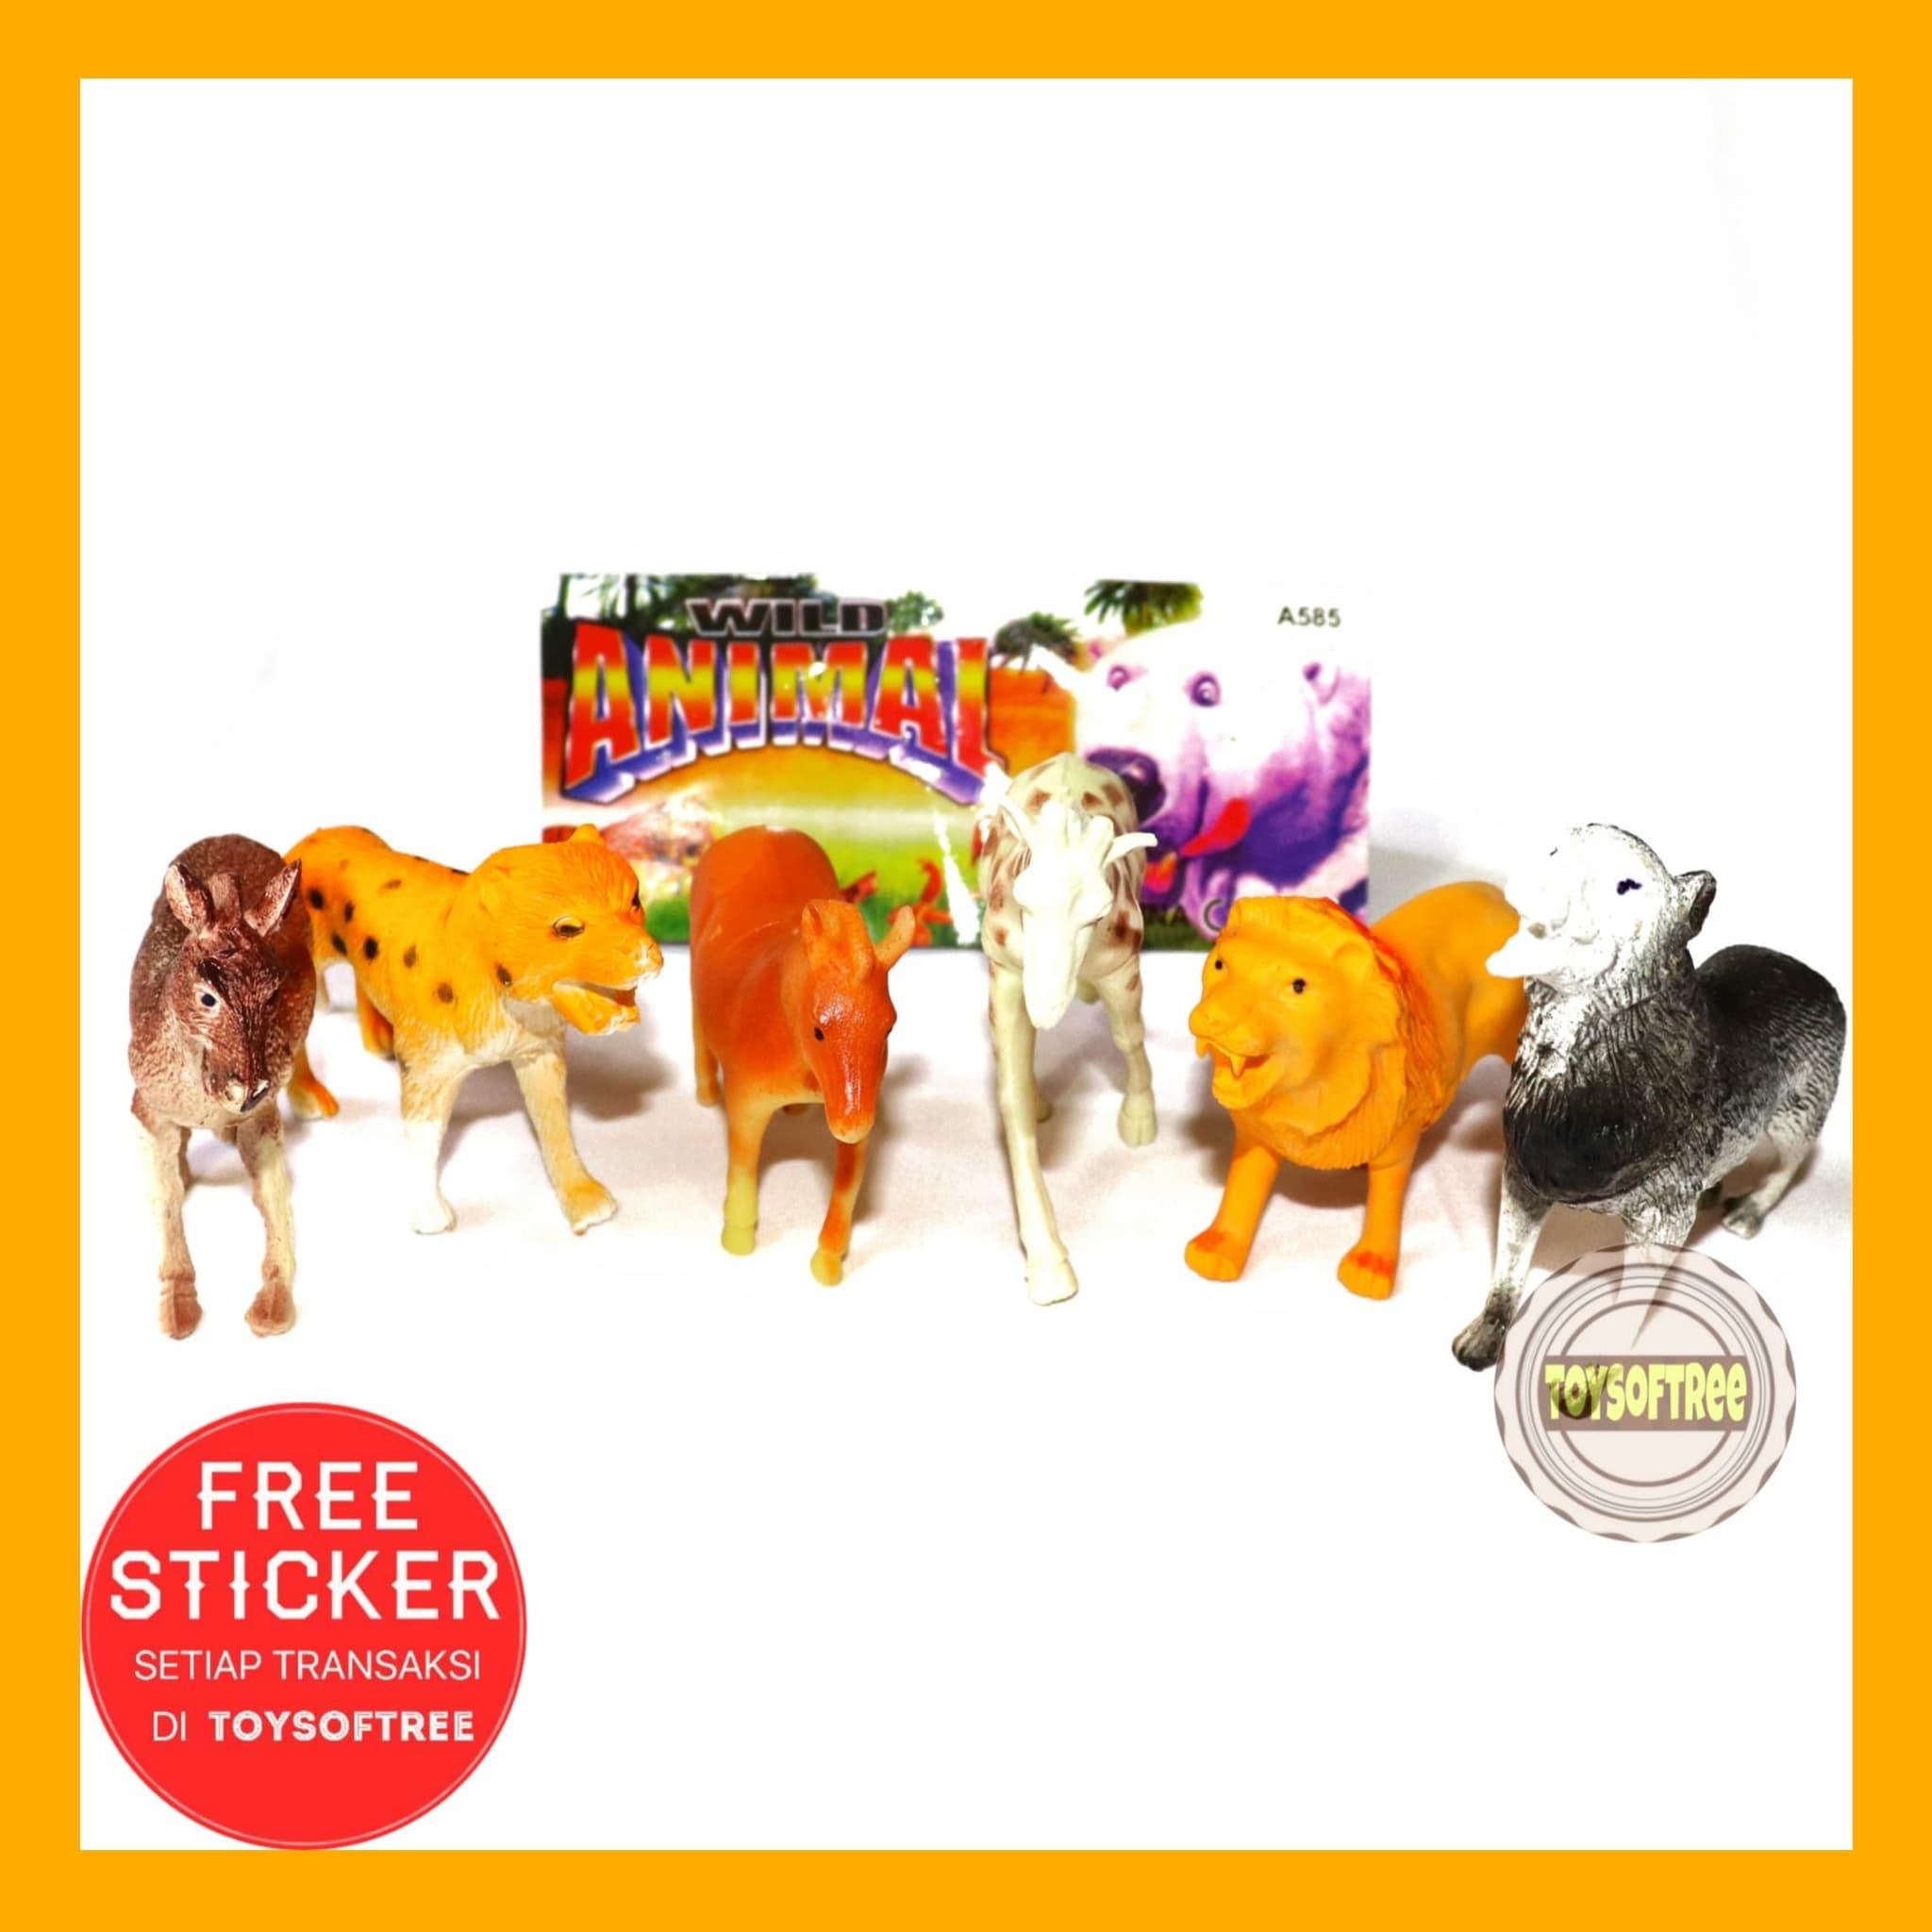 106+ Gambar Mainan Anak Hewan Karet Gratis Terbaru